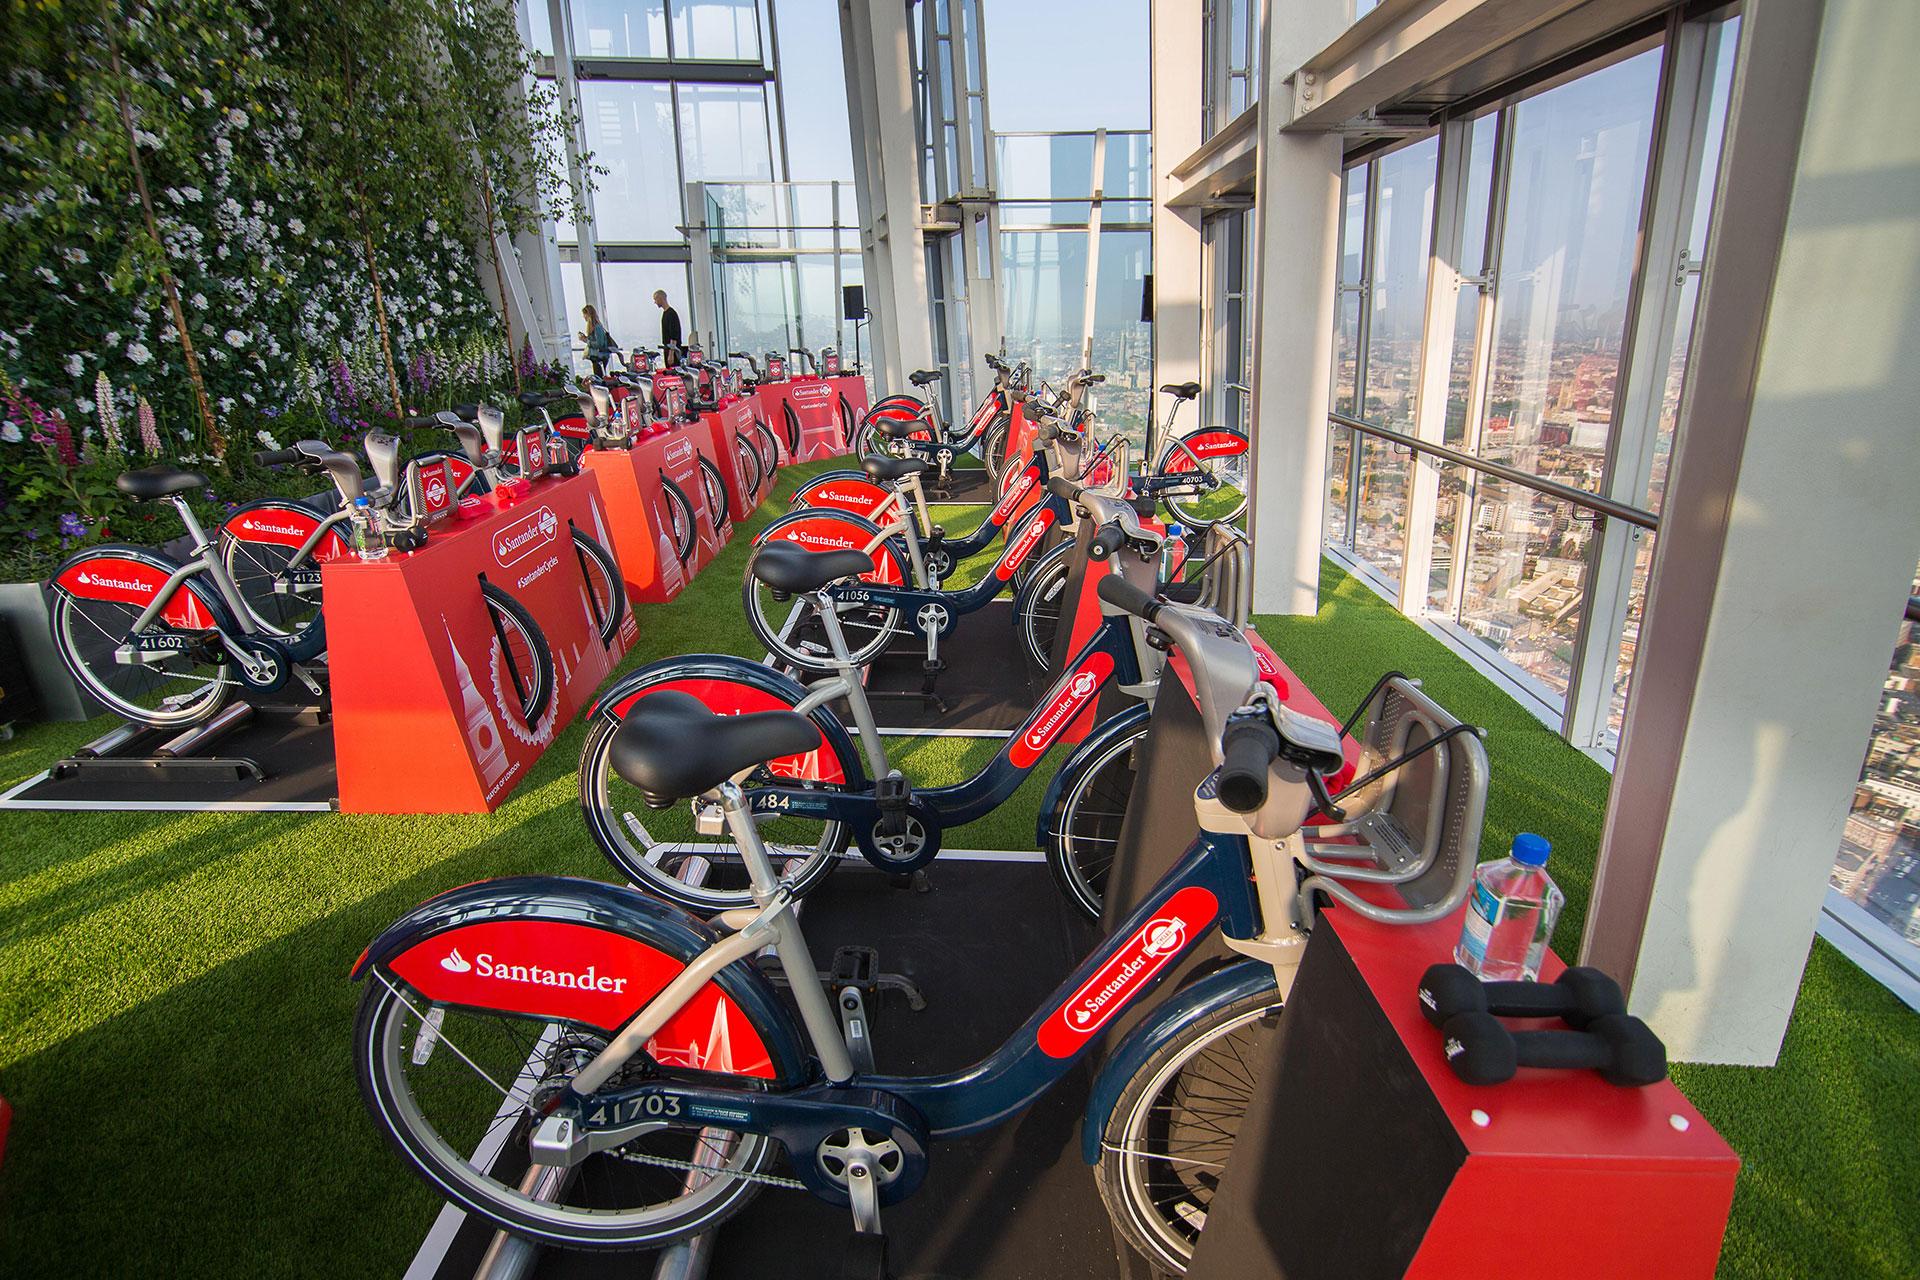 Santander-Cycles-Shard-Spin-Up-0706-0002.jpg